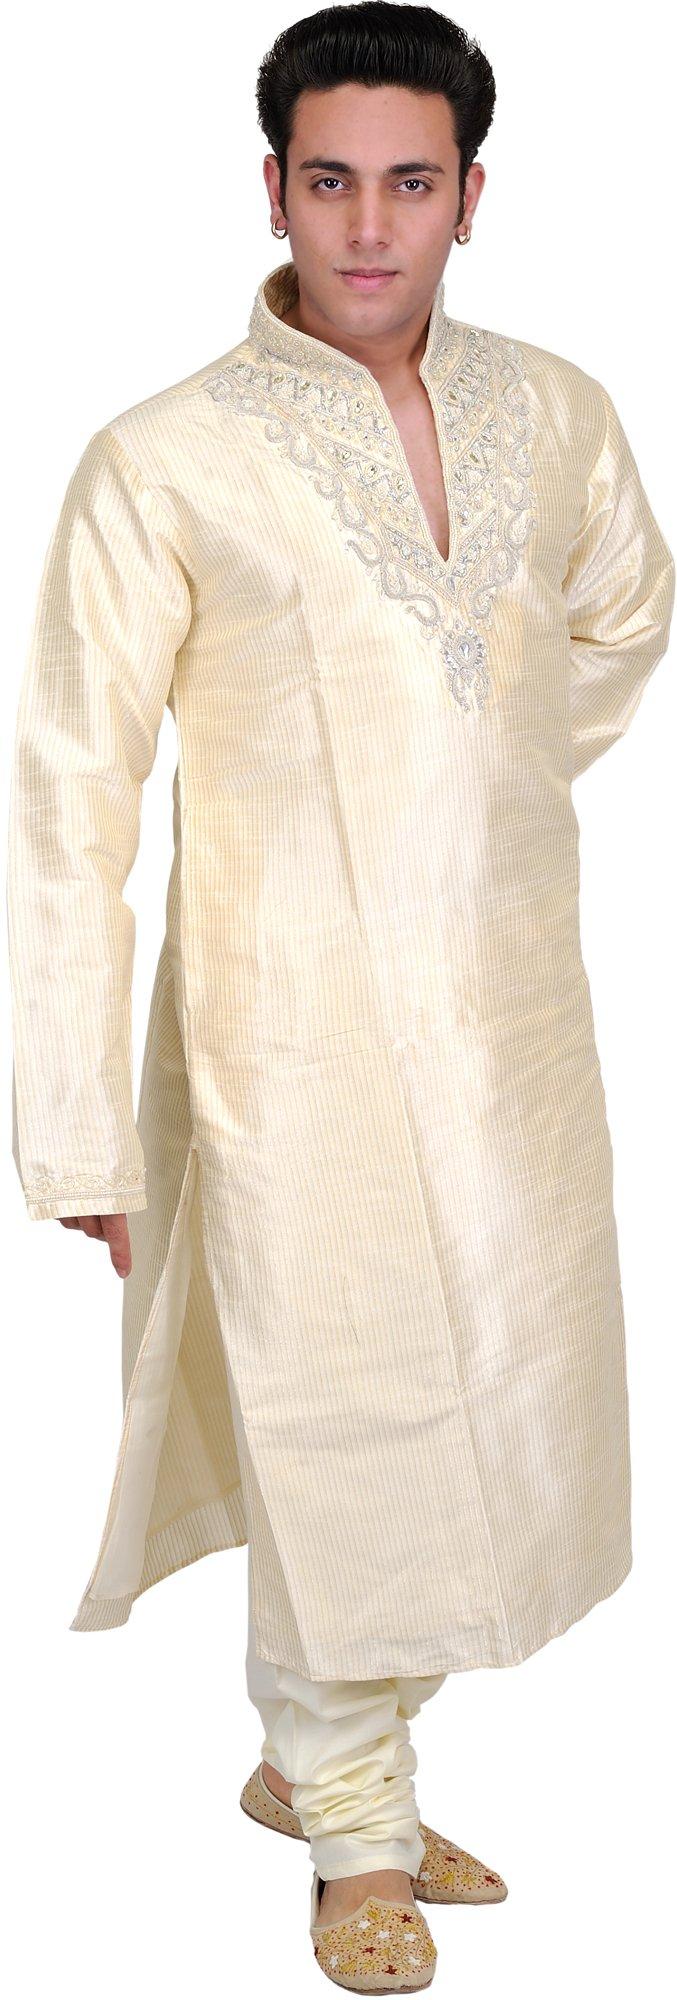 Exotic India Cream Wedding Kurta Pajama Set - Off-White Size 42